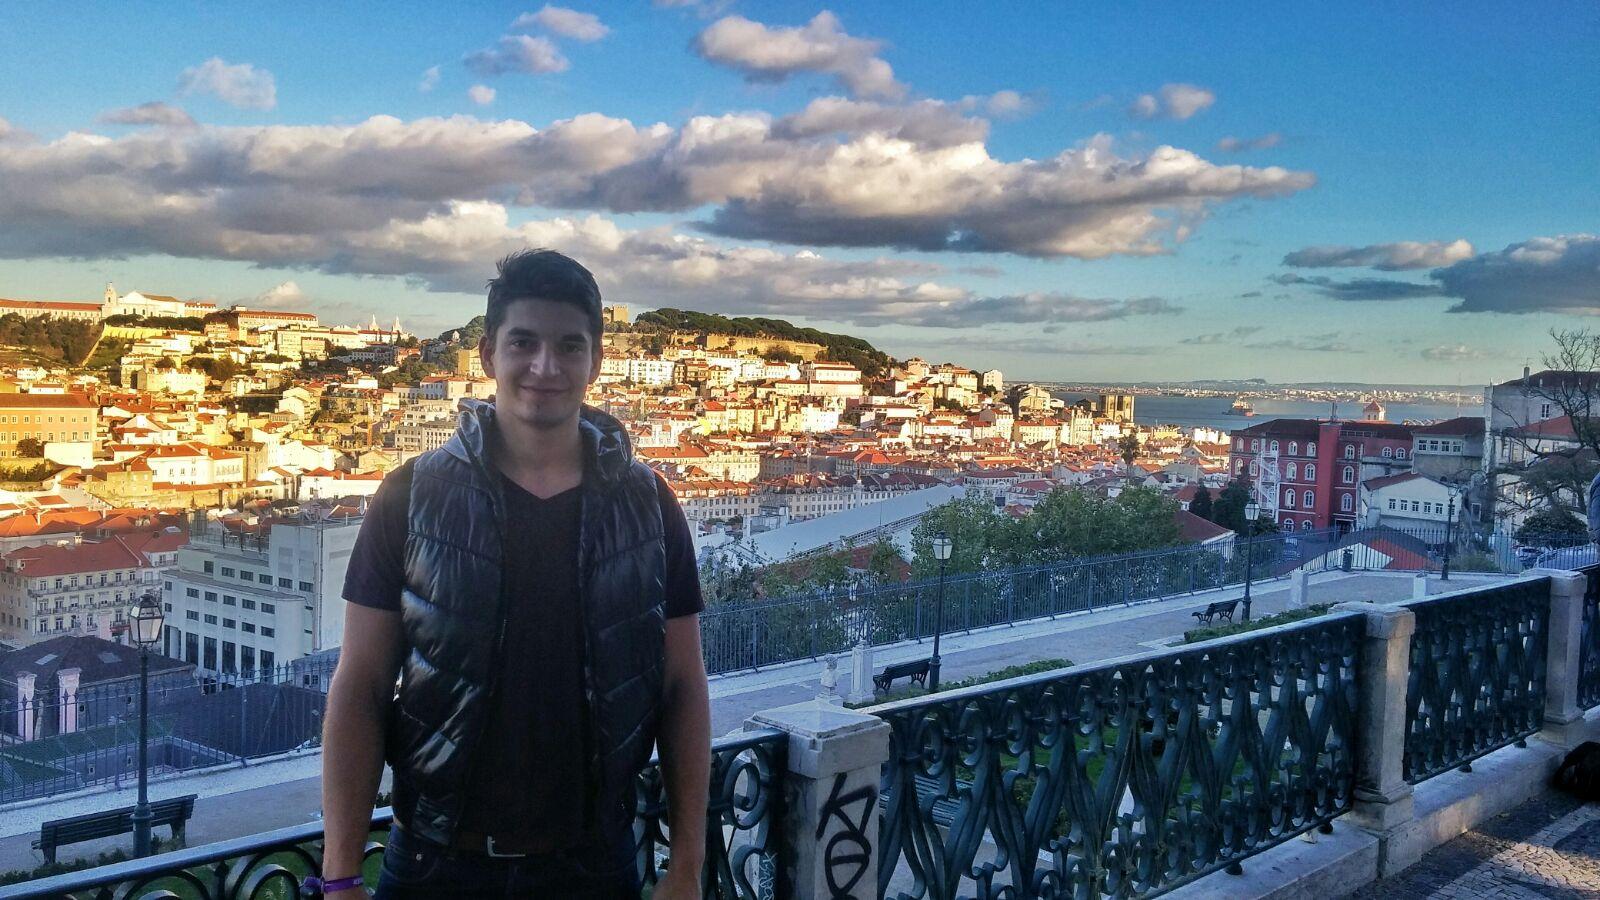 Christian Czapka, 22 anos. Vive em Munique e foi voluntário no Web Summit.